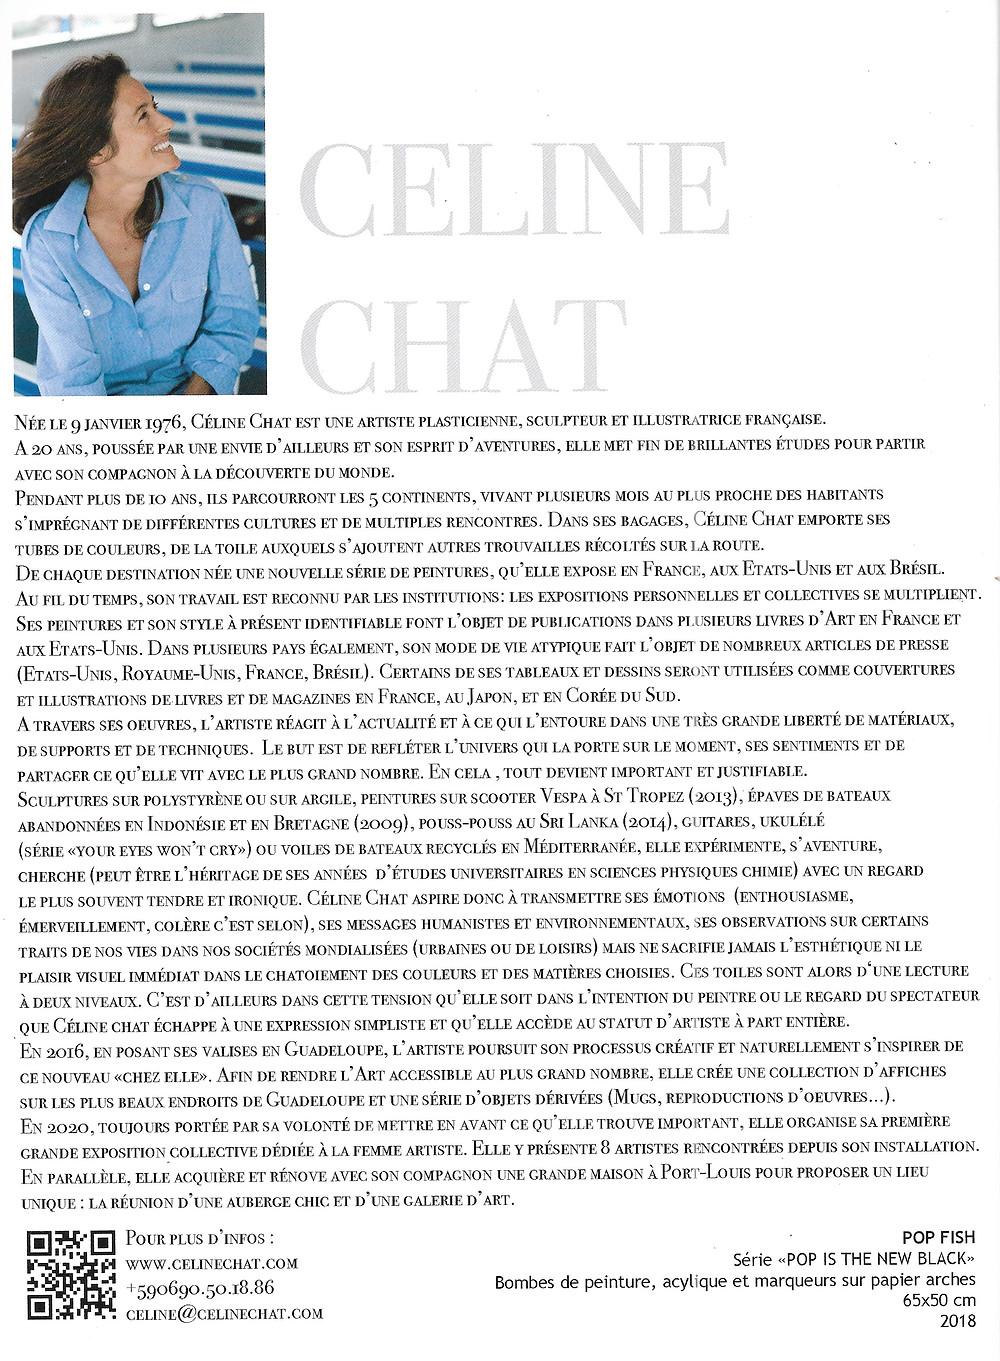 Celine Chat